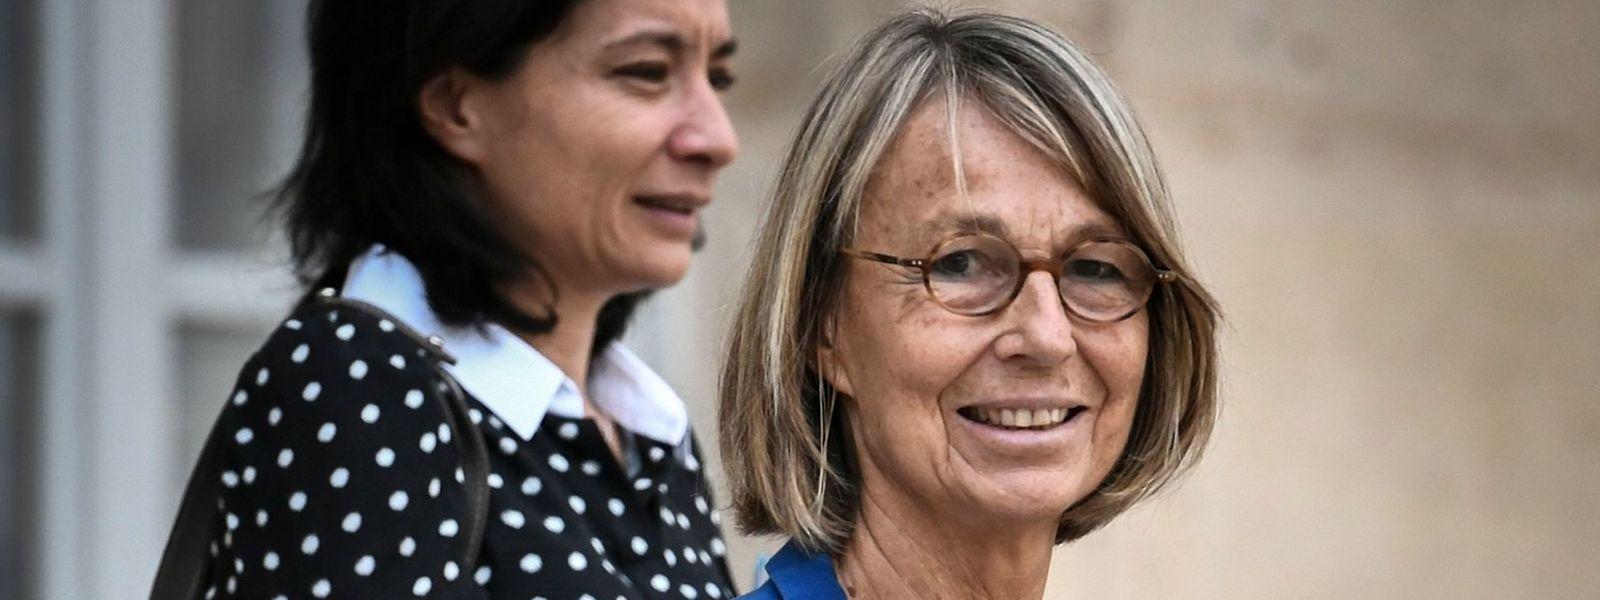 Auch die französische Kulturministerin Françoise Nyssen (r.) unterzeichnete den Aufruf.